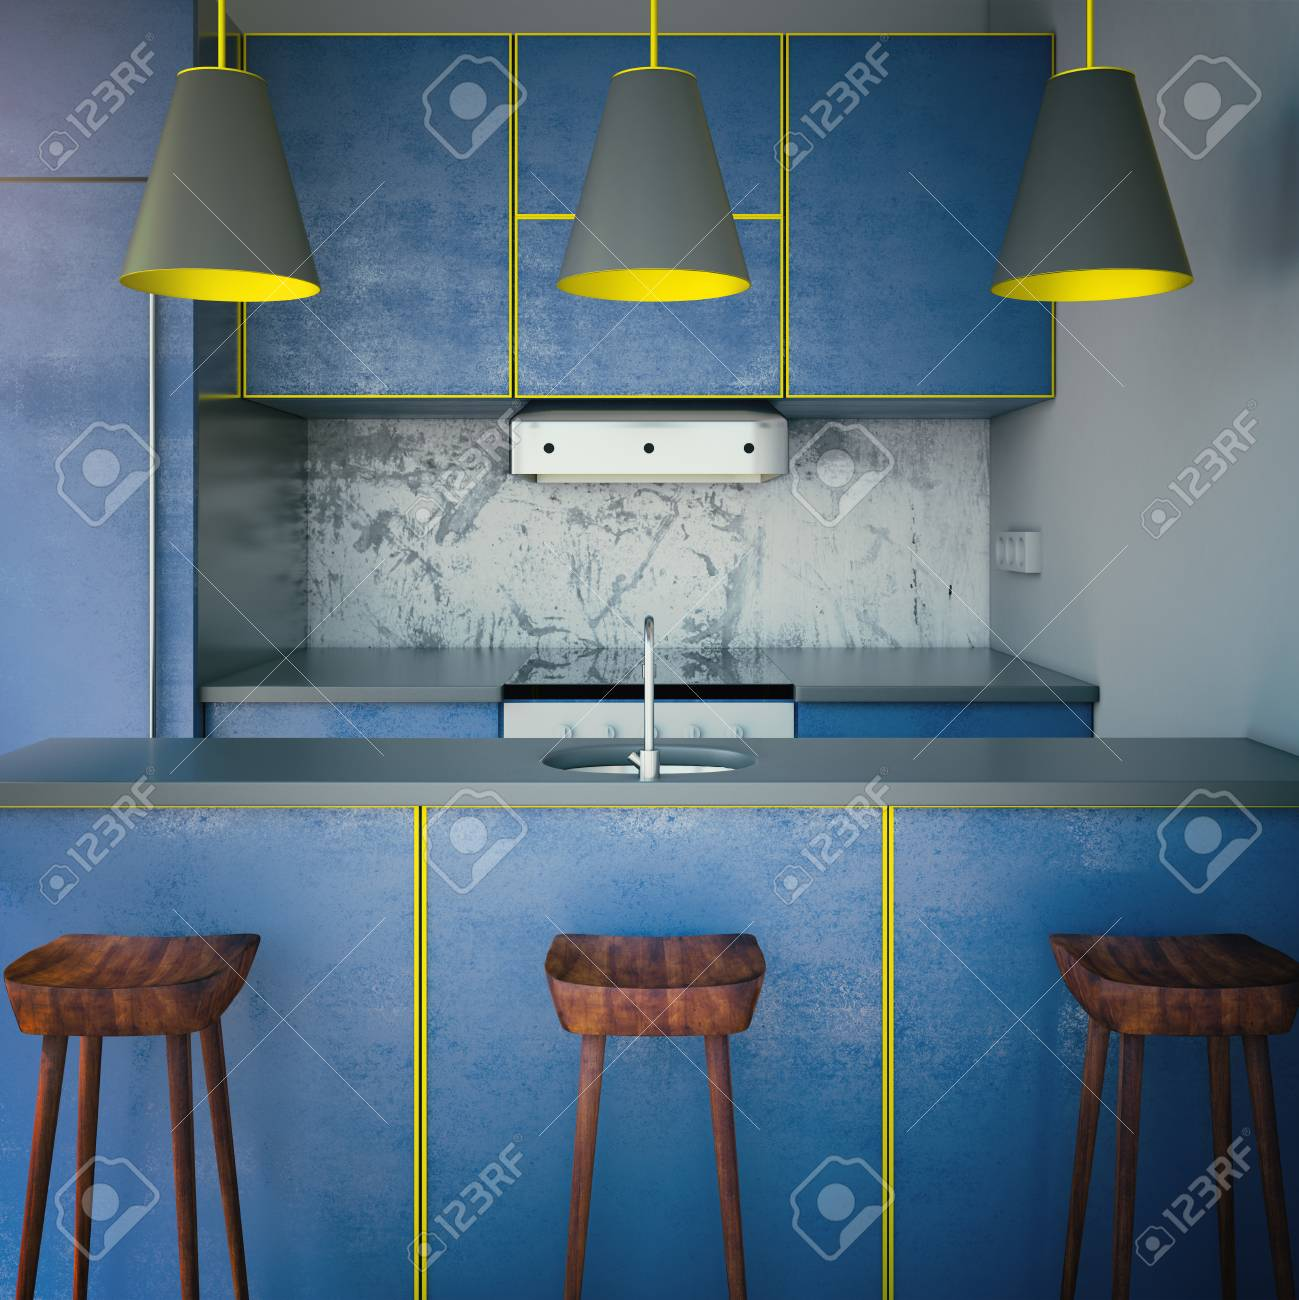 Innenarchitektur Der Modernen Blauen Küche Mit Drei Lampen Und ...